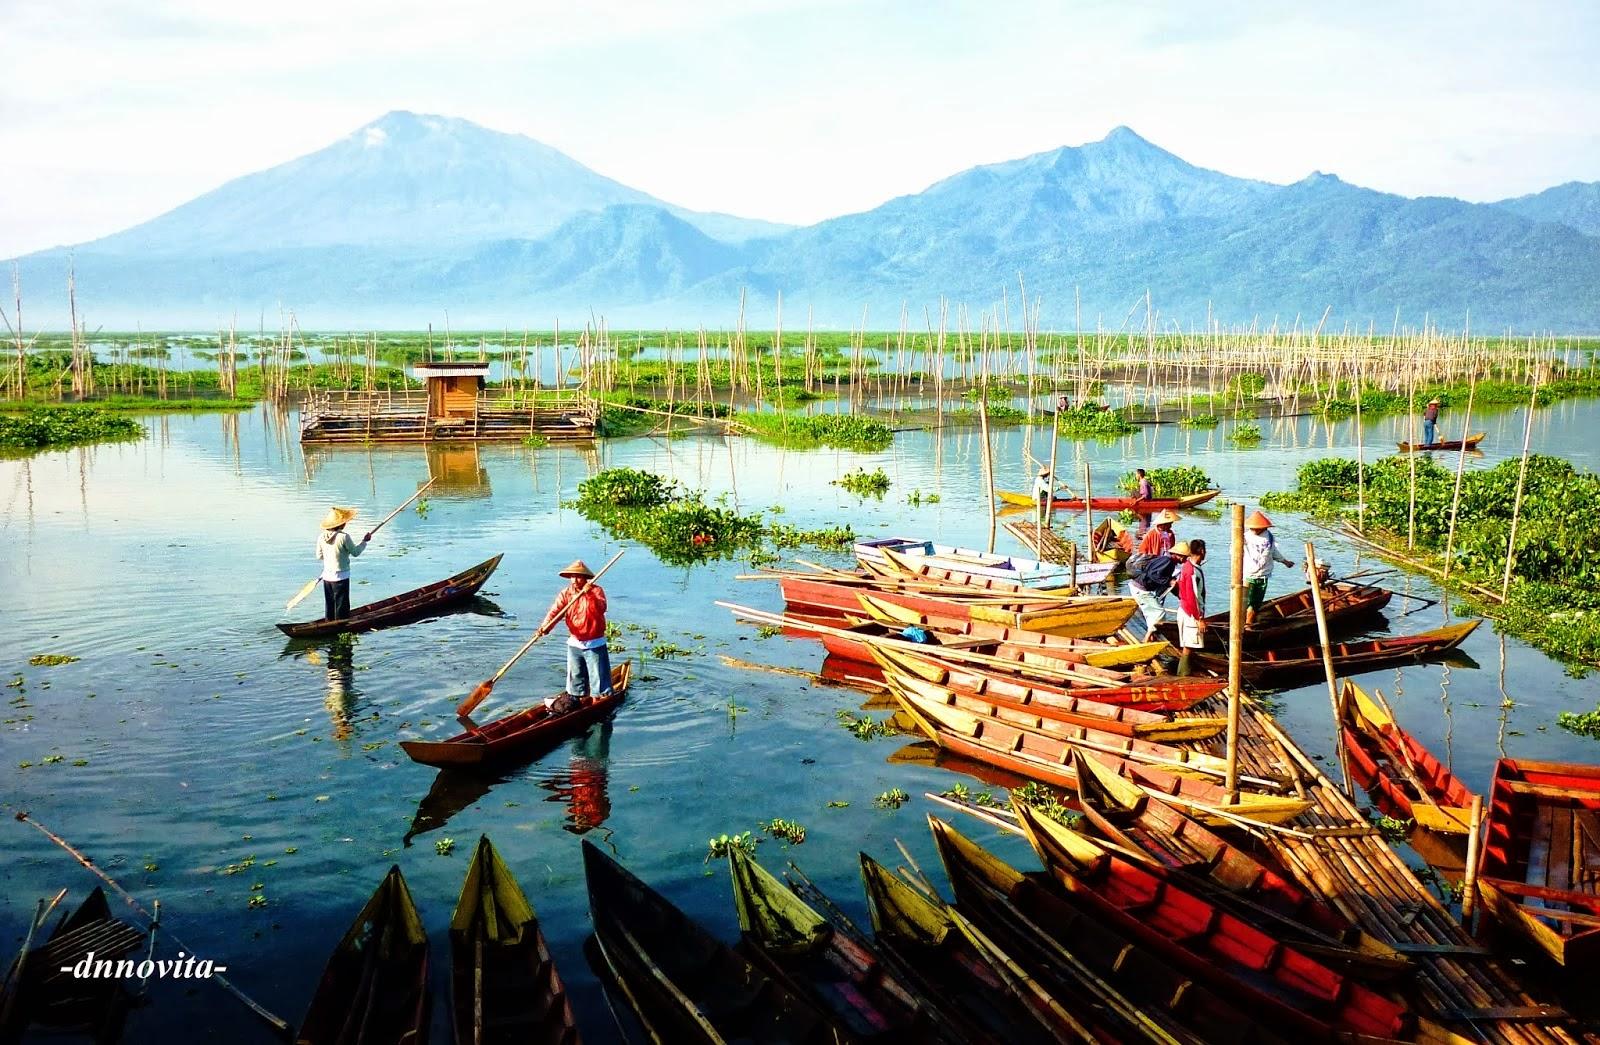 Materi Siswa Sekolah: Legenda Rawa Pening Basa Jawa